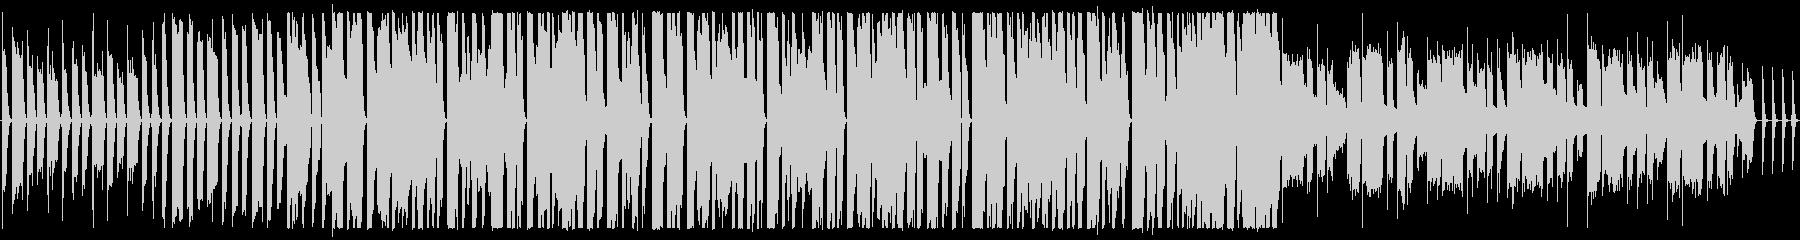 かわいいカントリーの未再生の波形